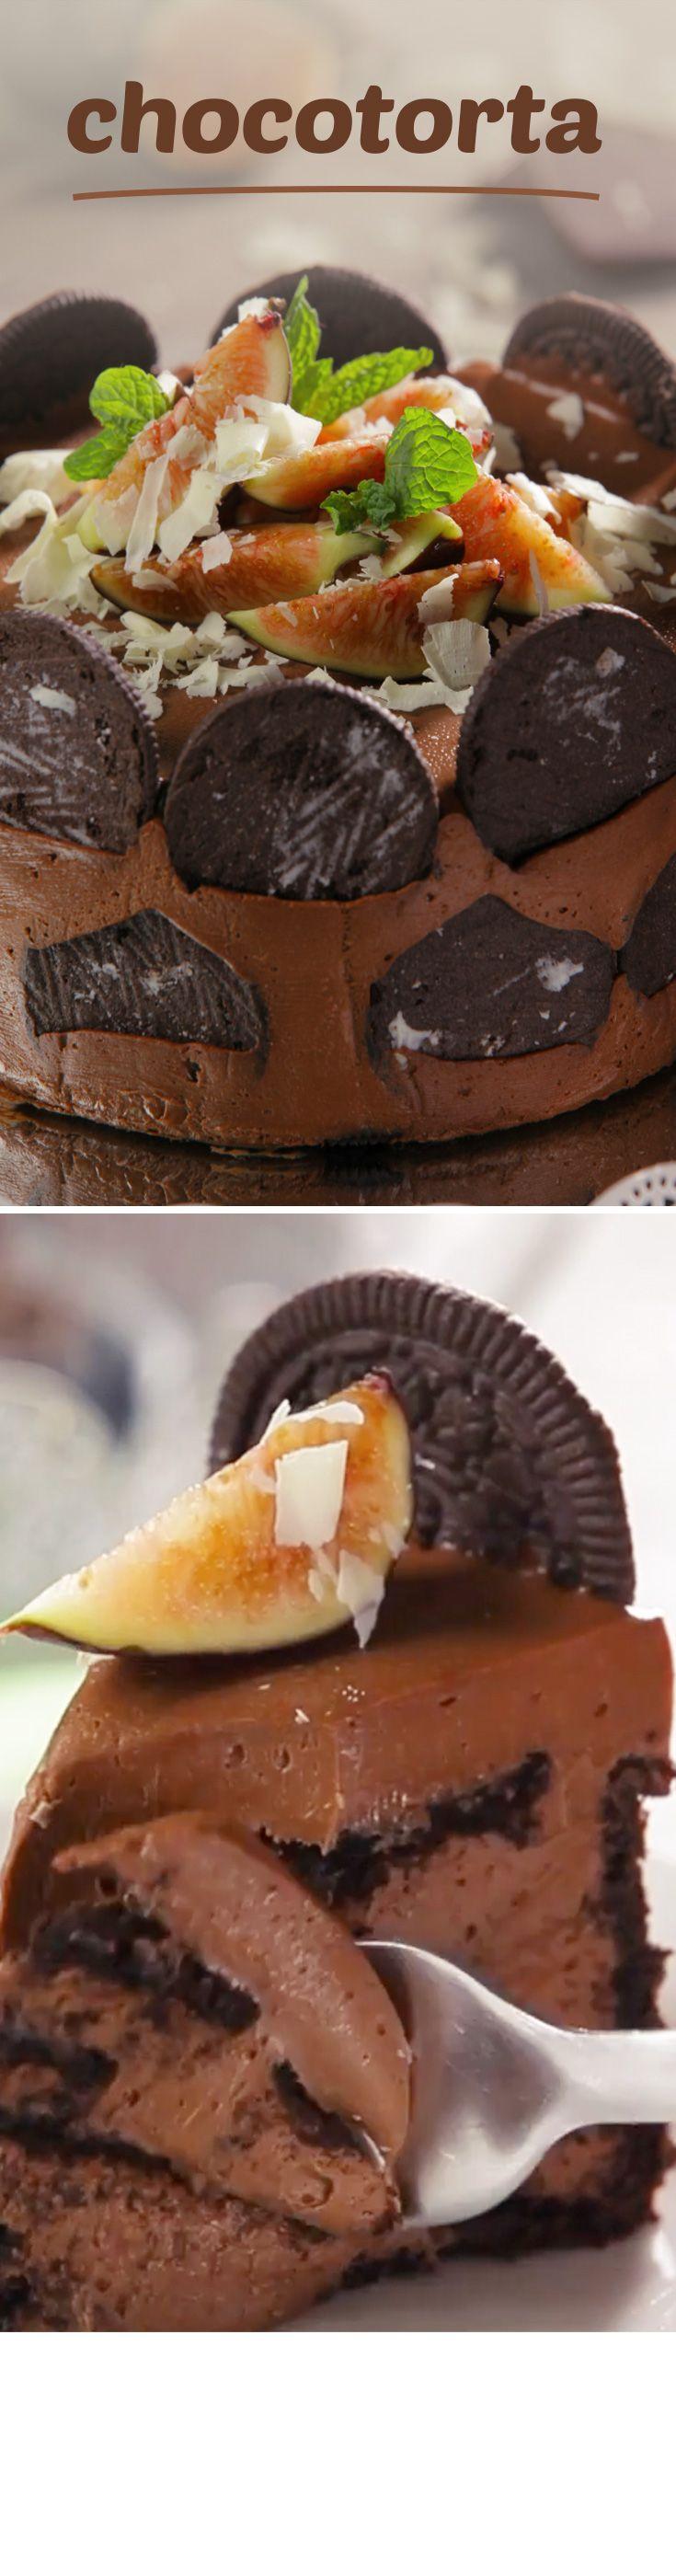 Pastel de chocolate con galletas Oreo para enamorar a esa persona especial en #sanvalentin. Este postre de chocolate sin horno es muy especial y totalmente delicioso.